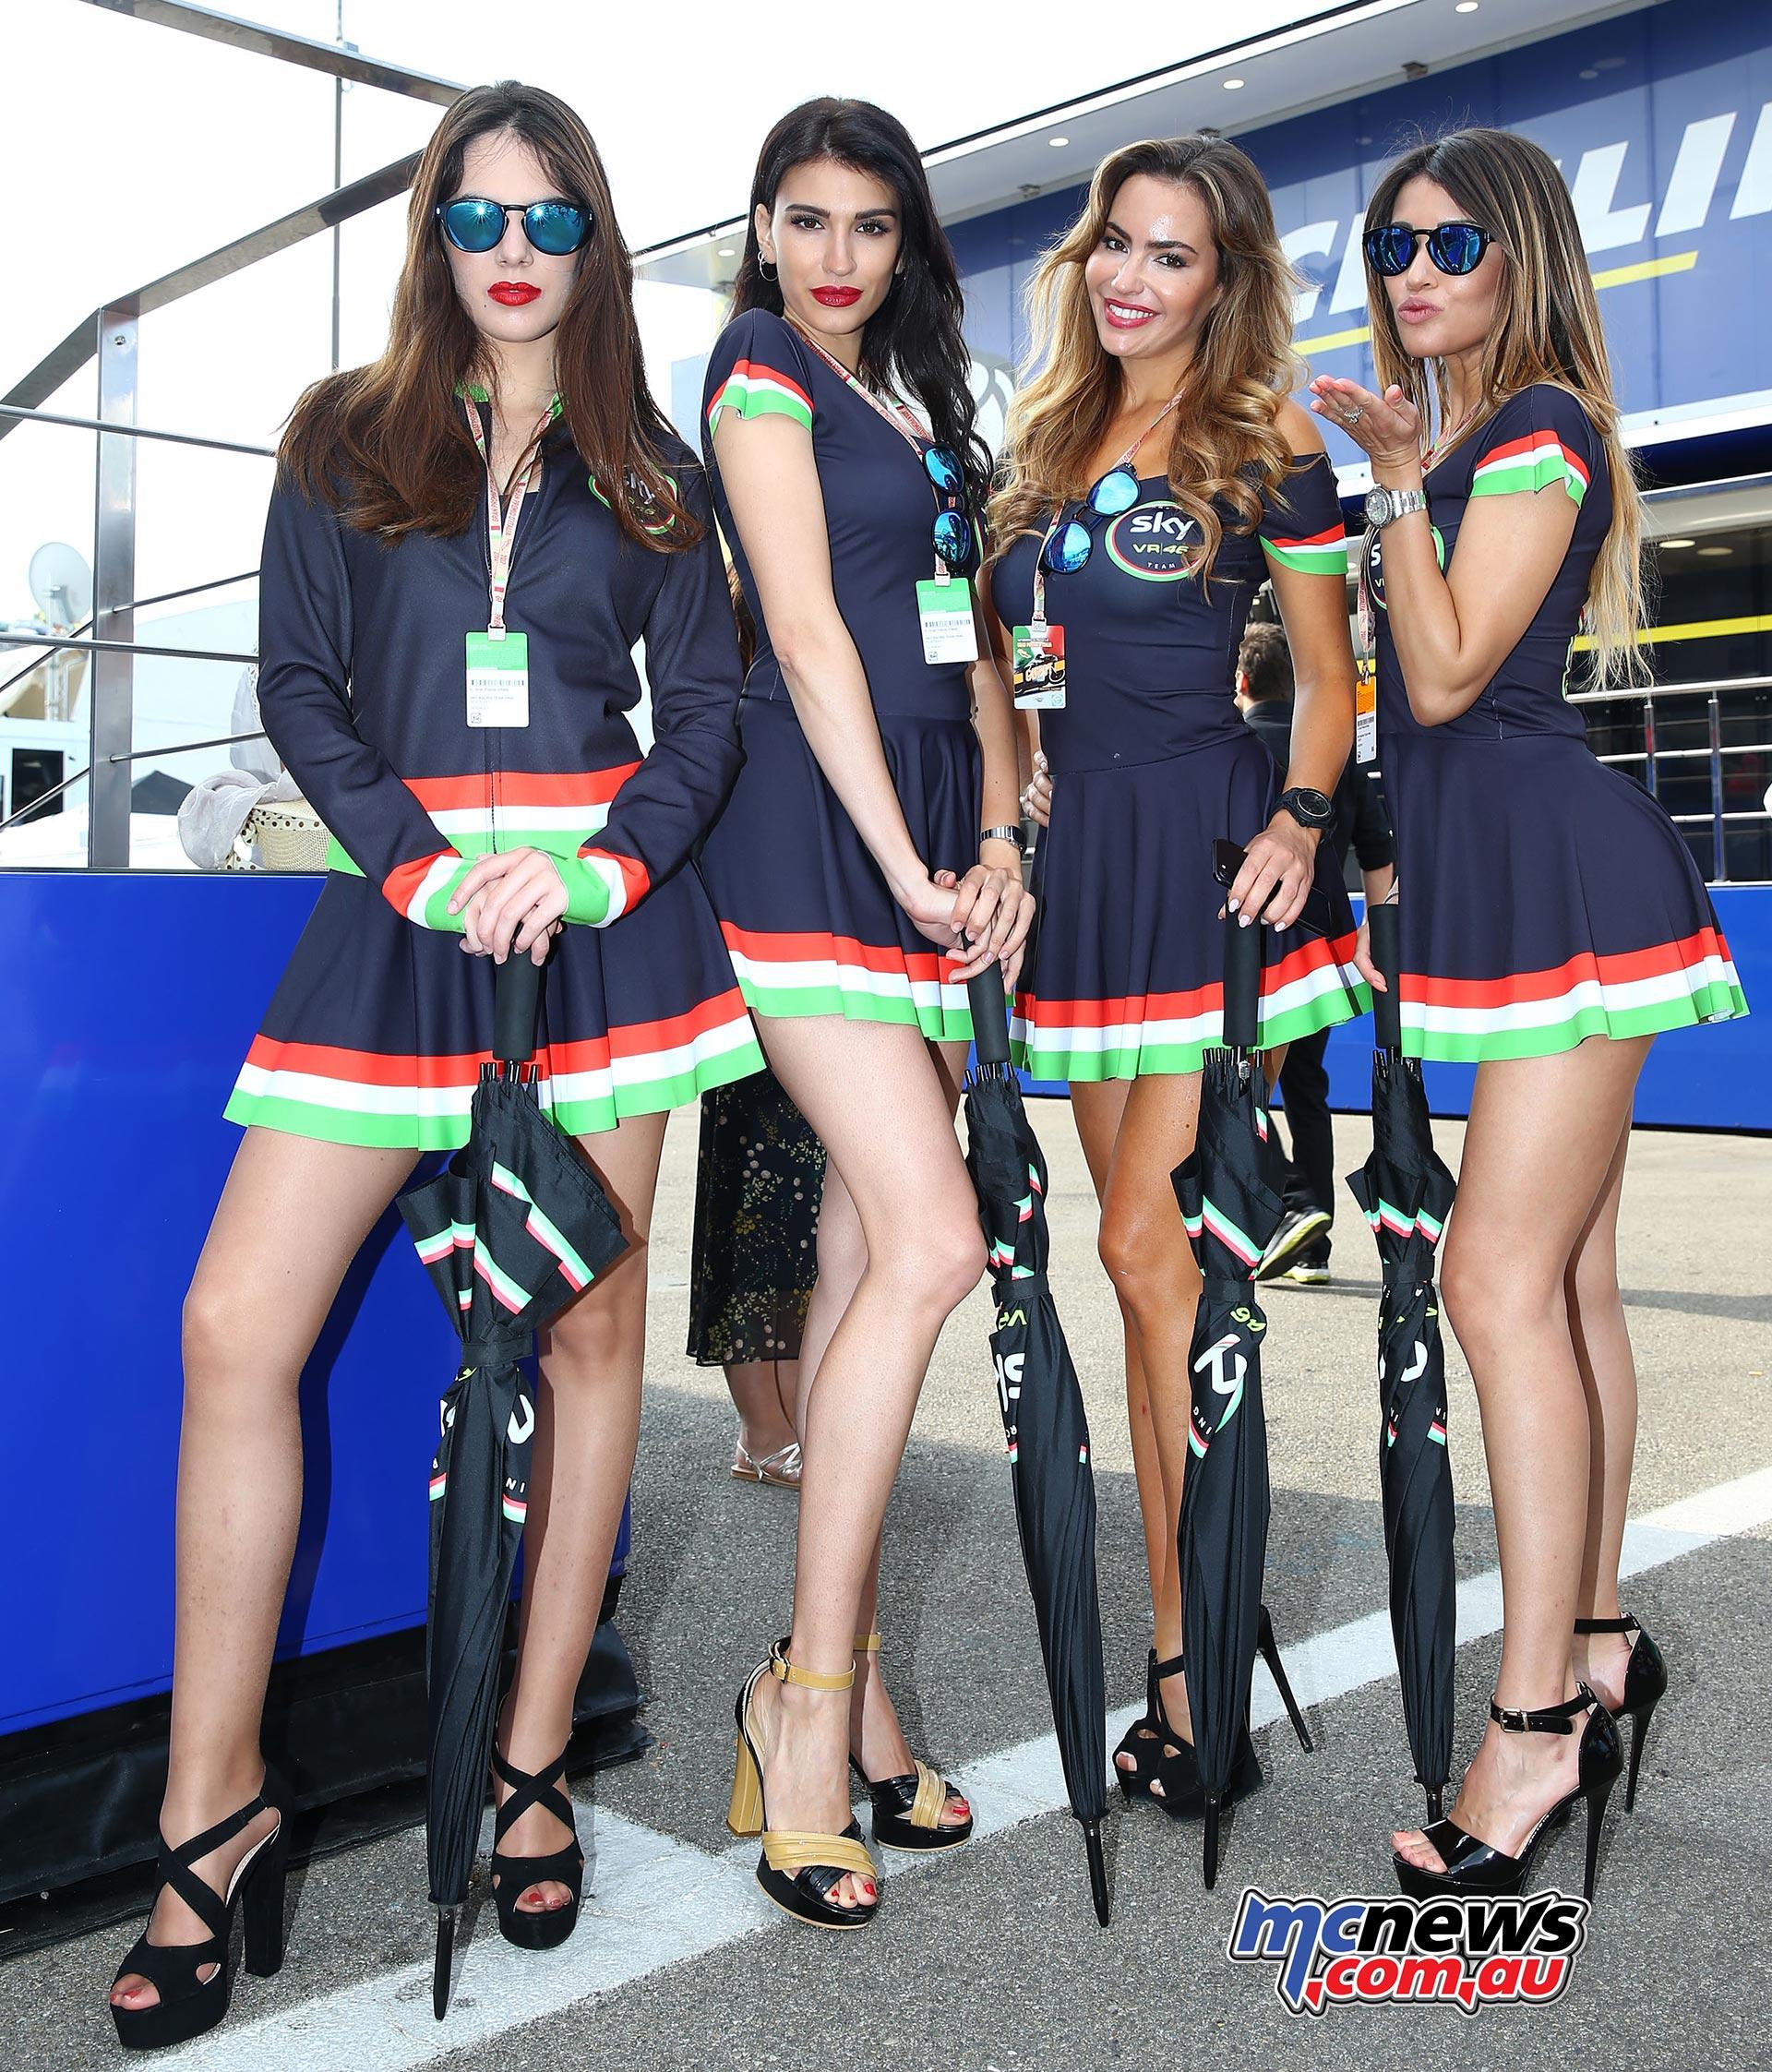 Mugello MotoGP Grid Girls | MCNews.com.au